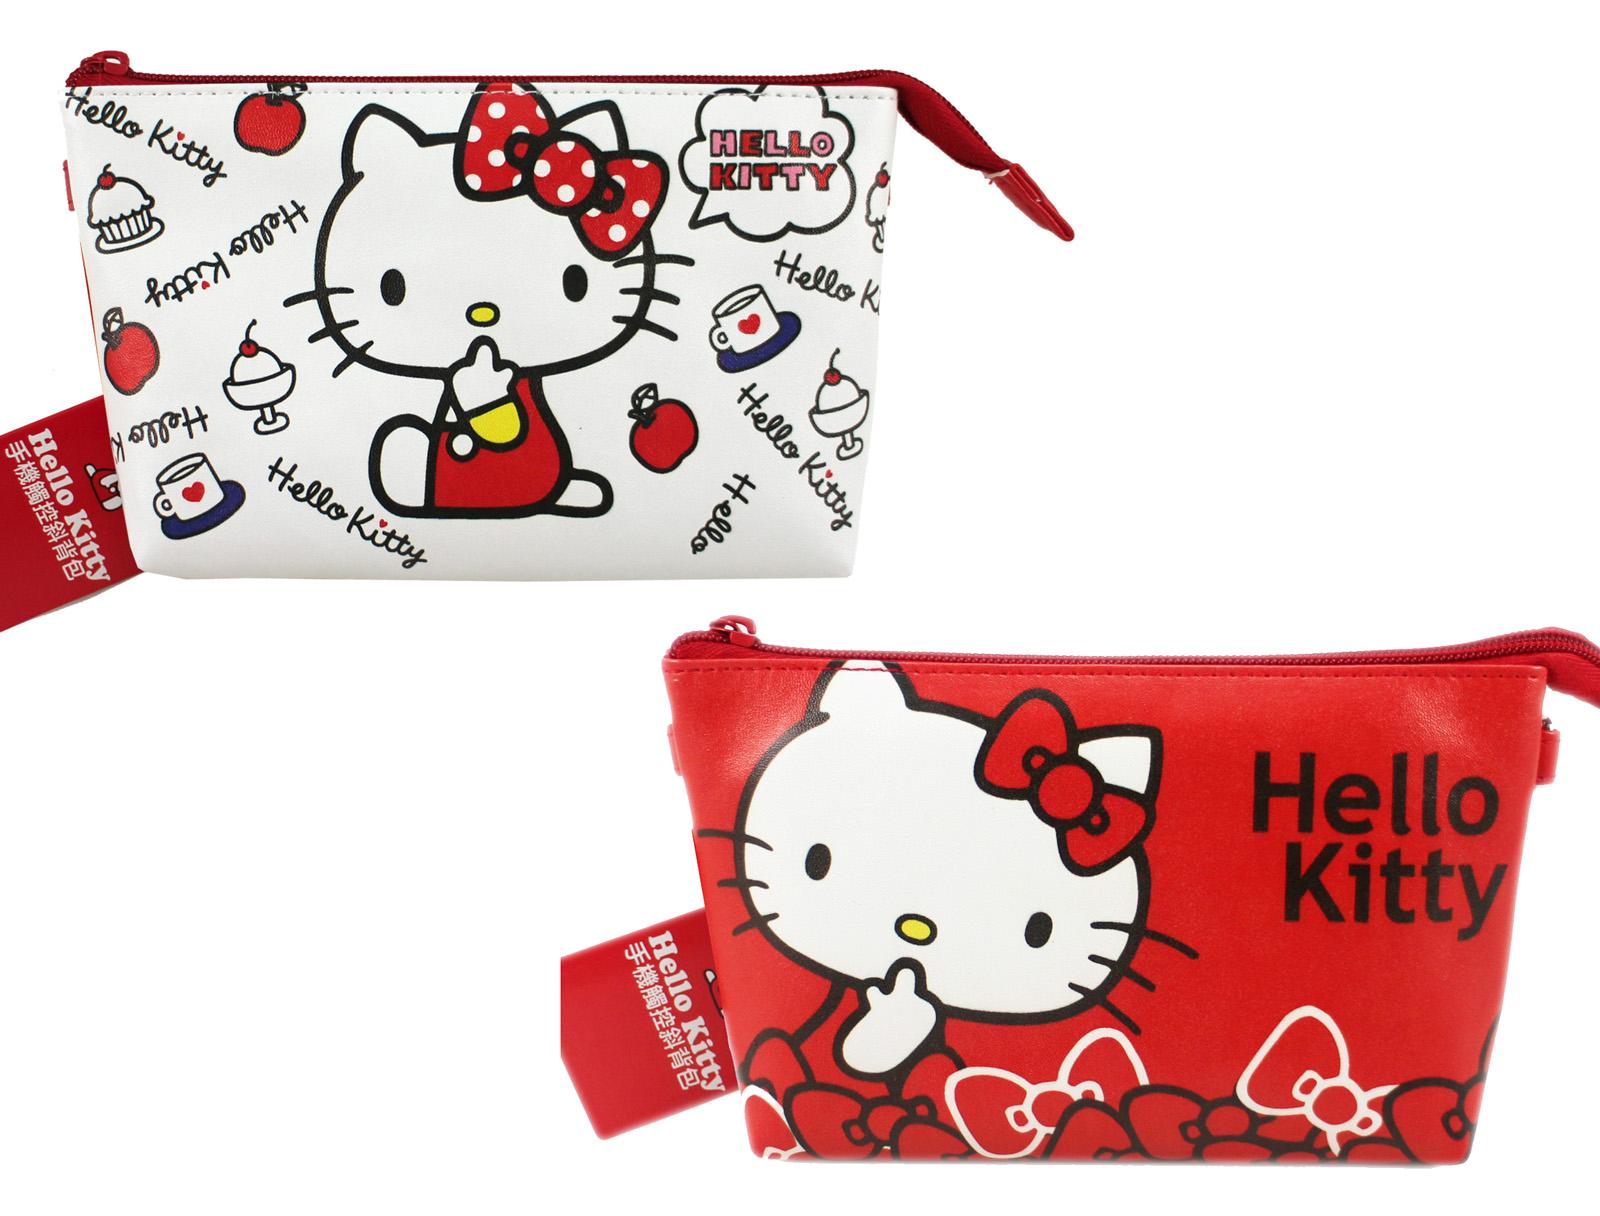 卡漫城Hello Kitty手機袋可觸控二款選一皮革版拉鍊肩背萬用手機化妝包側背包